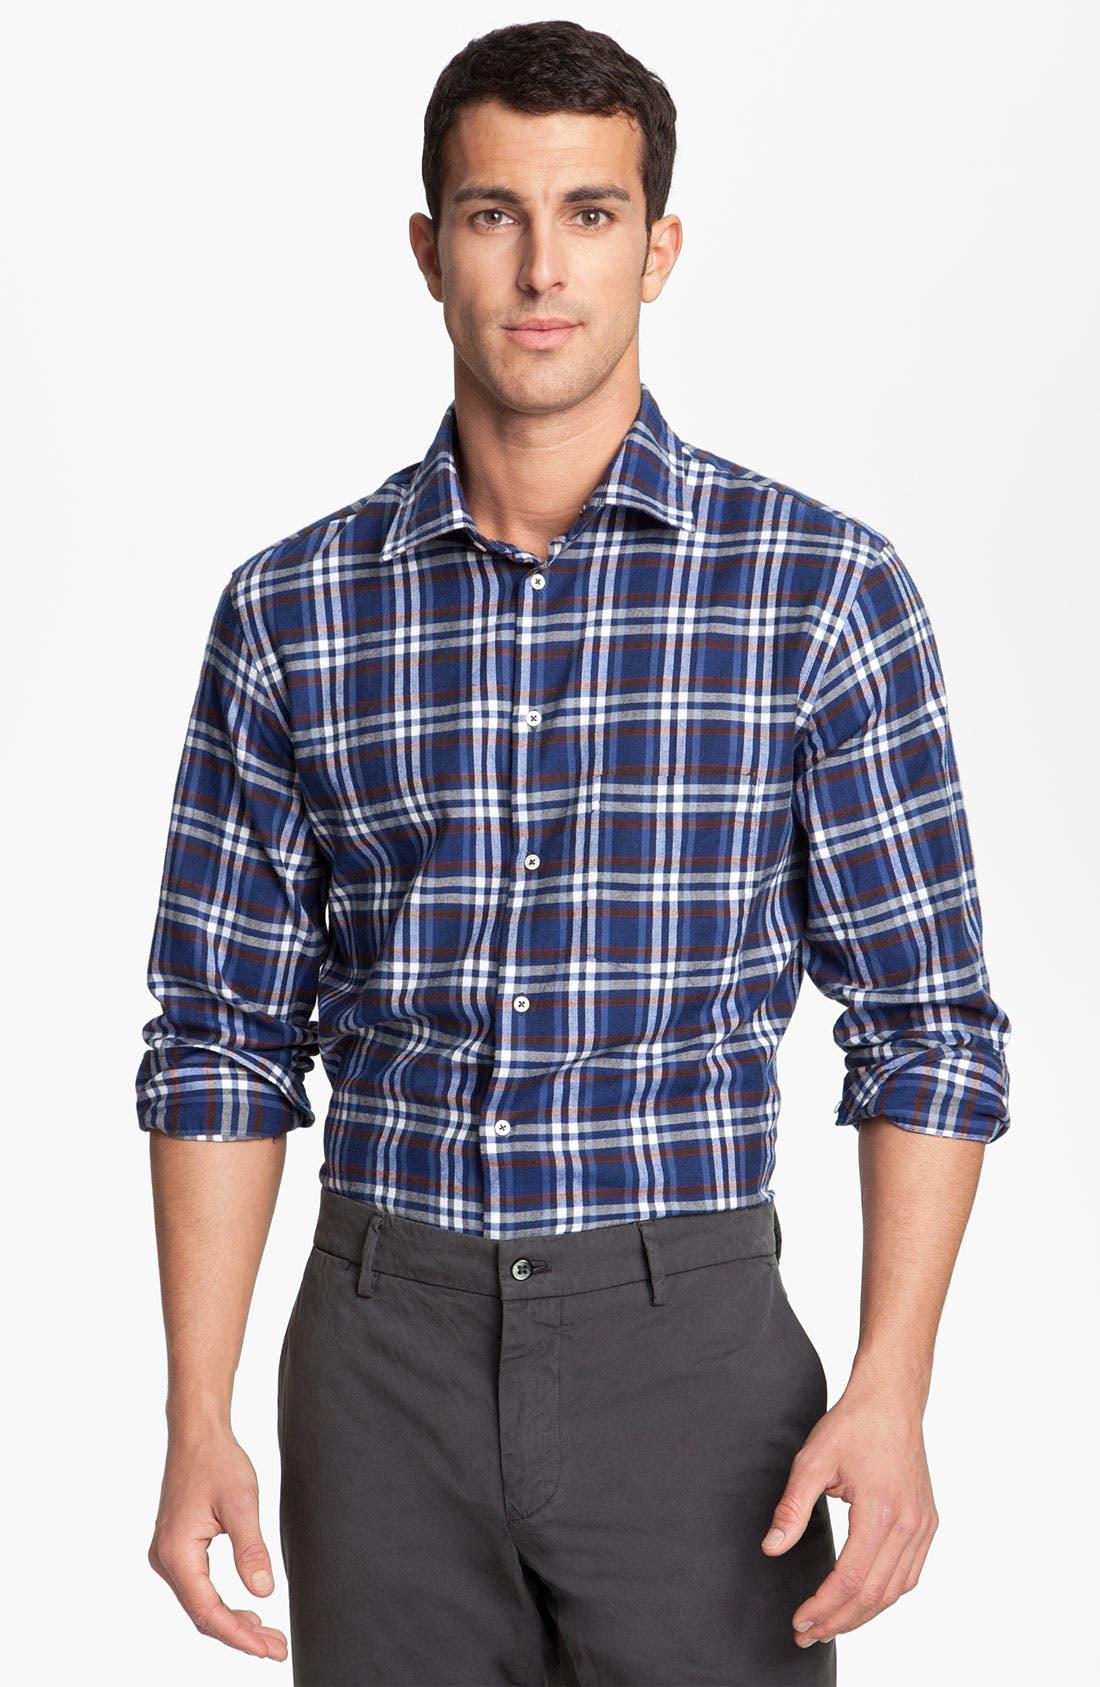 Alternate Image 1 Selected - Mason's Plaid Brushed Cotton Shirt